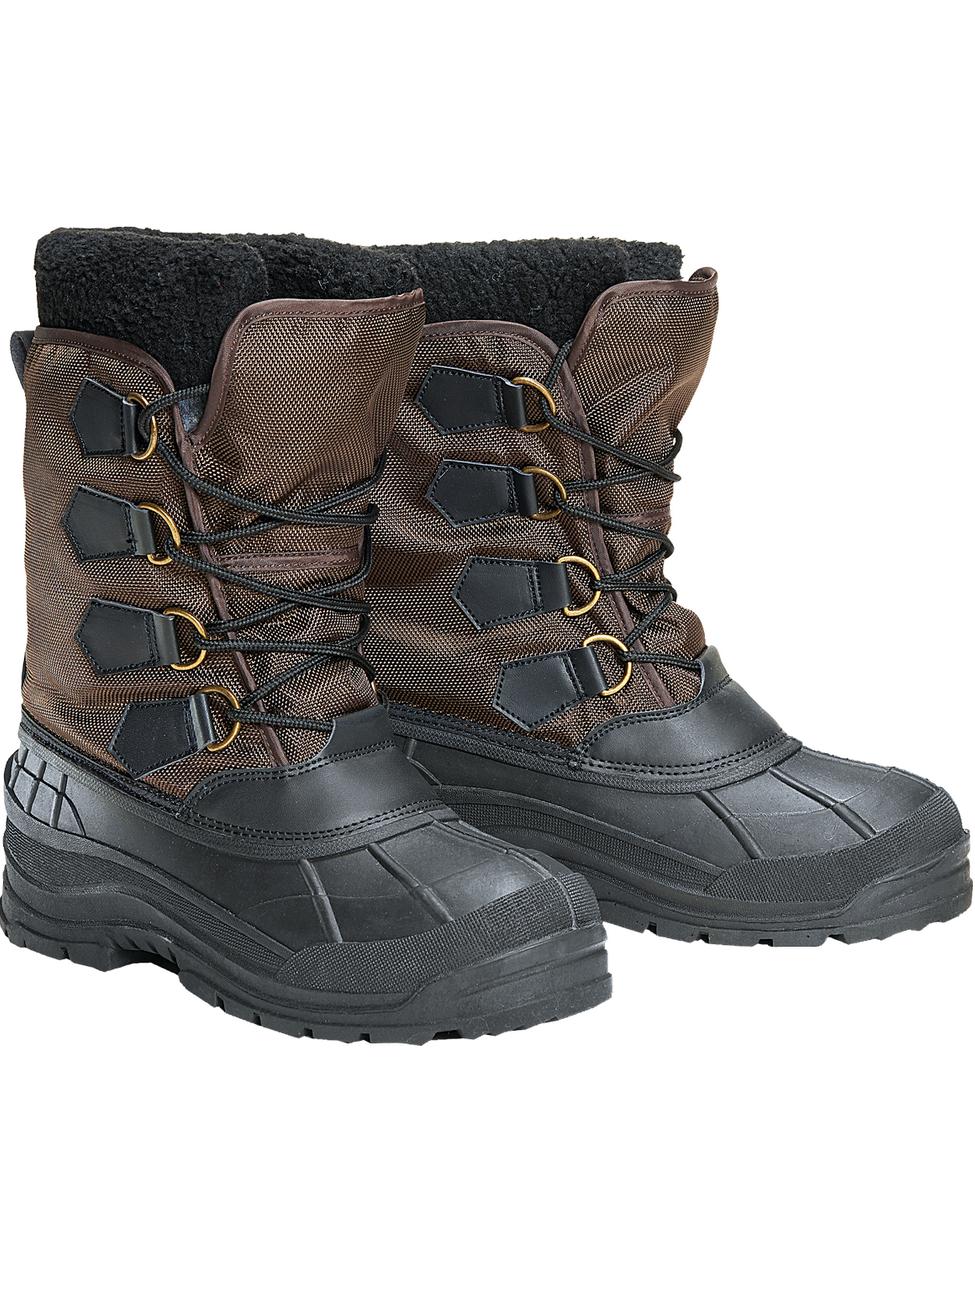 Brandit Herren Schnürstiefel Highland Weather Extreme Boots Schuhe schwarz HwZxUb0w